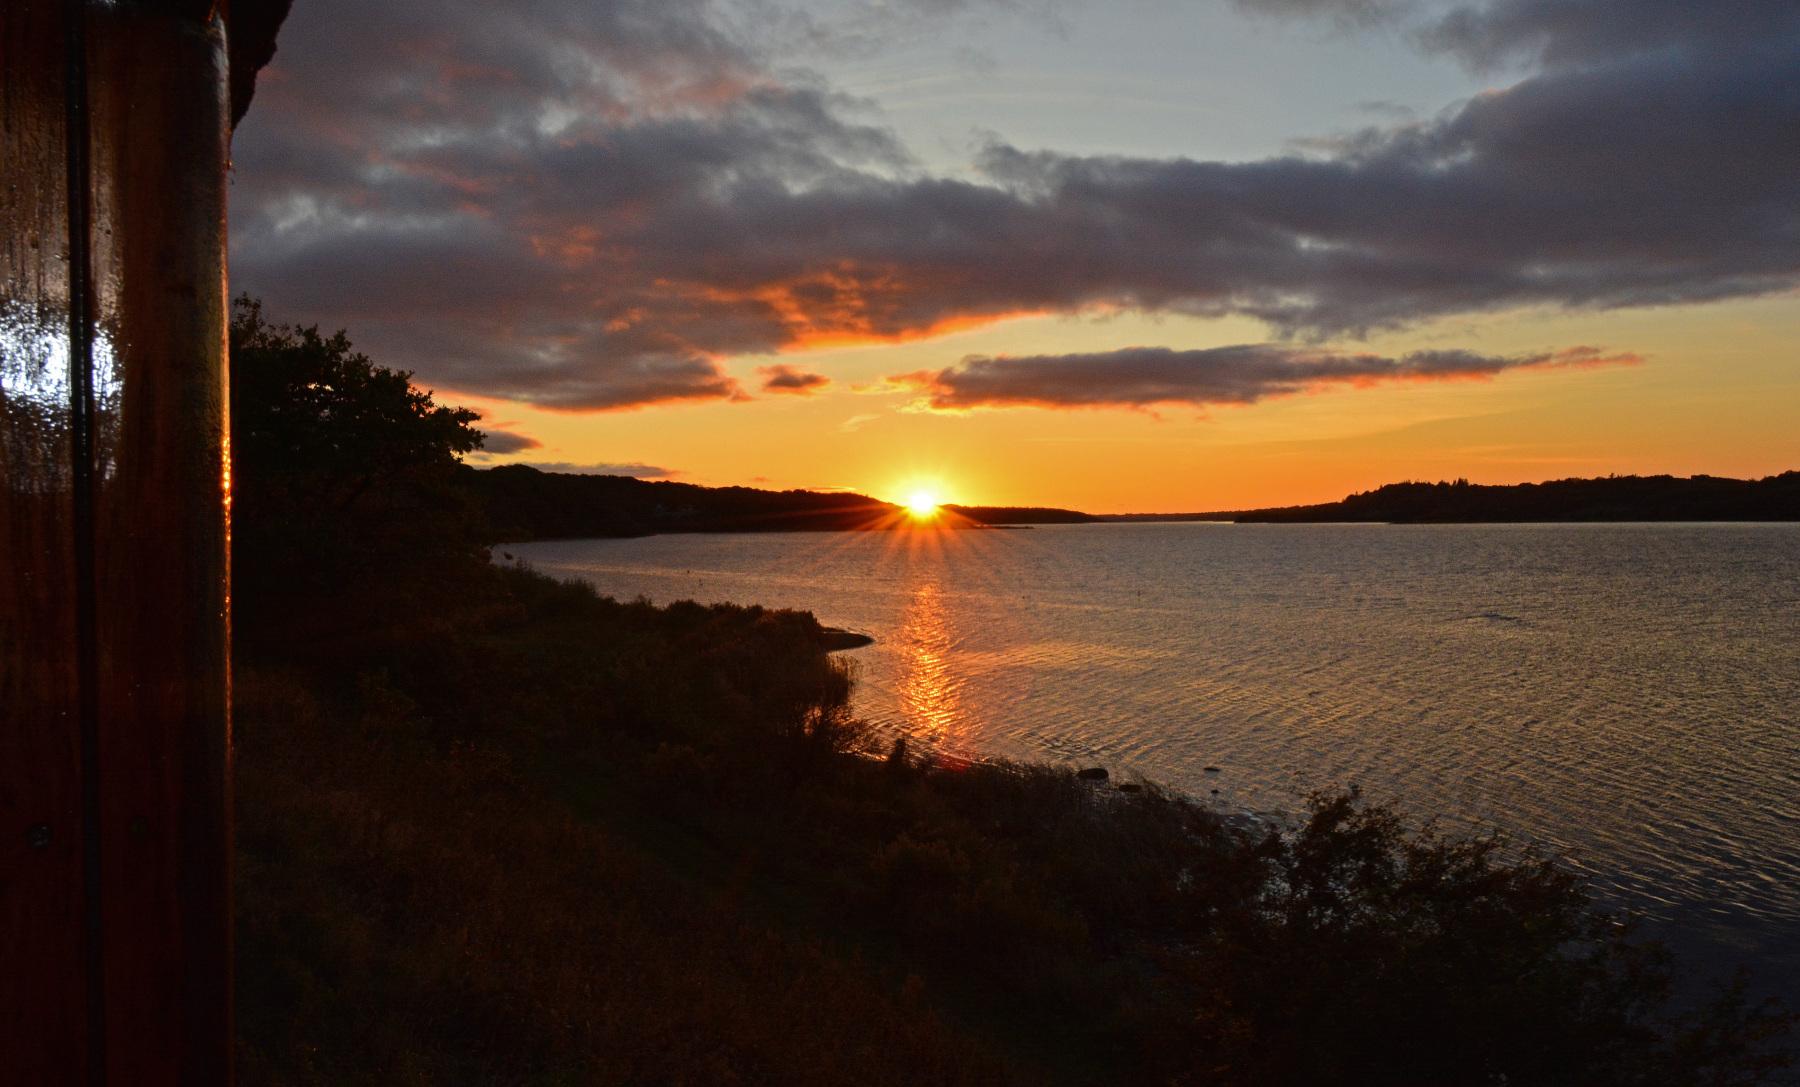 Saa-smuk-kan-Mariager-Fjord-tage-sig-ud-fra-en-aaben-endeperron.-Foto-Asger-Christiansen